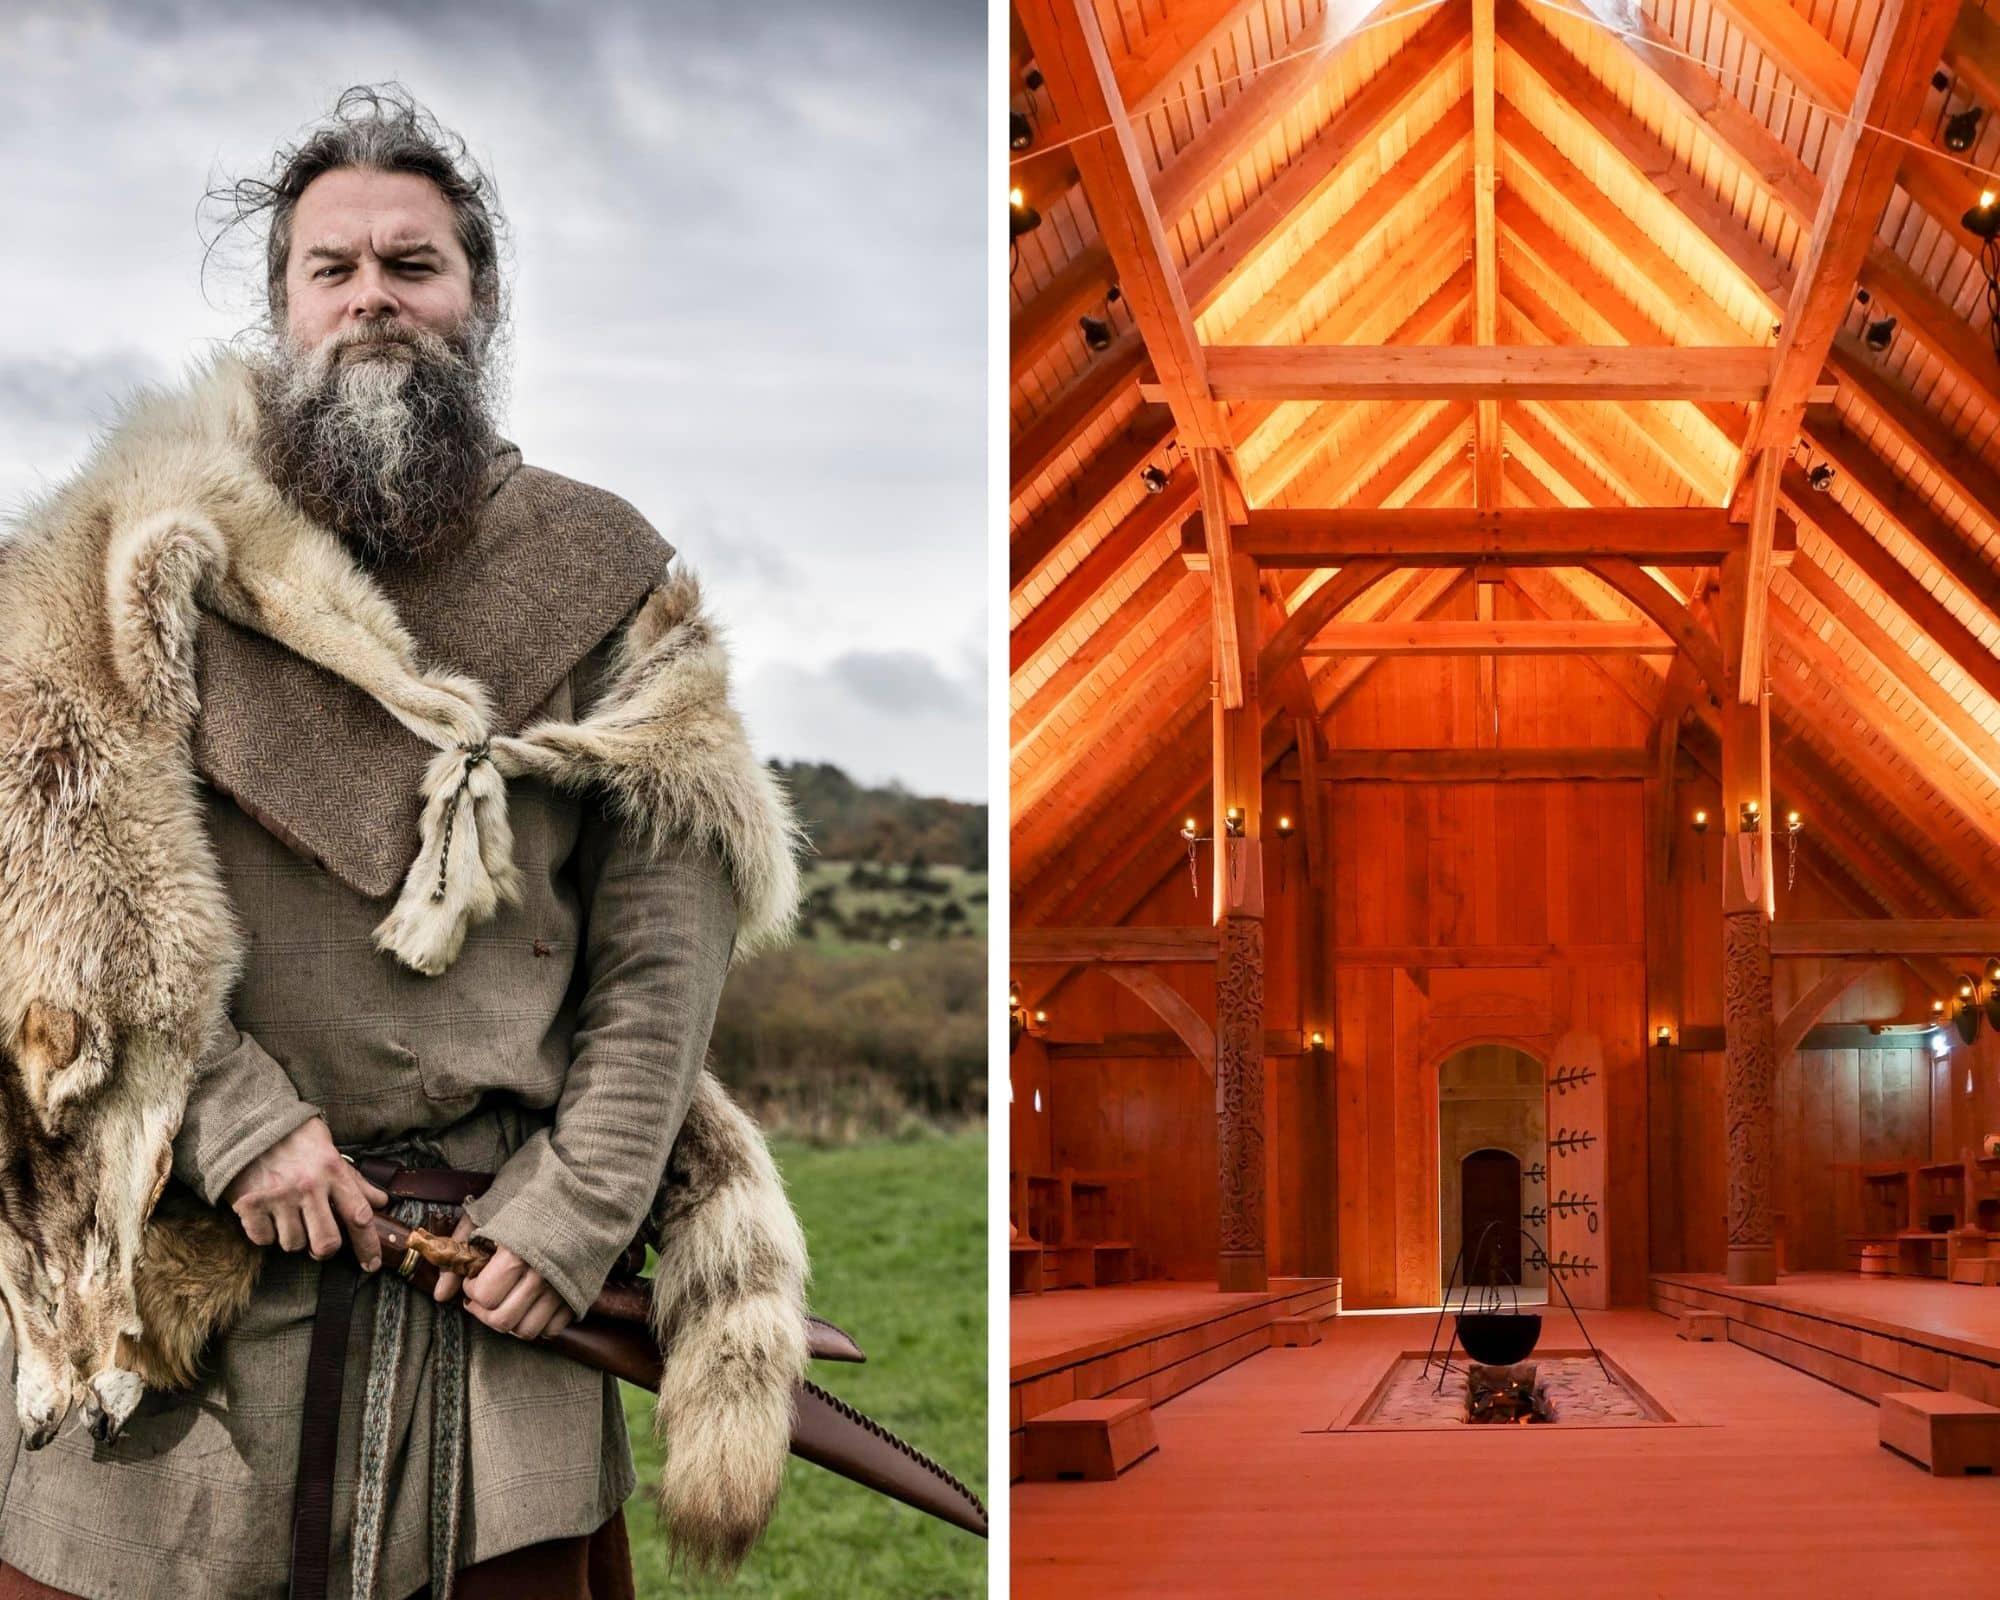 Die Königshalle in Gammel Lejre von innen und mit Wikinger